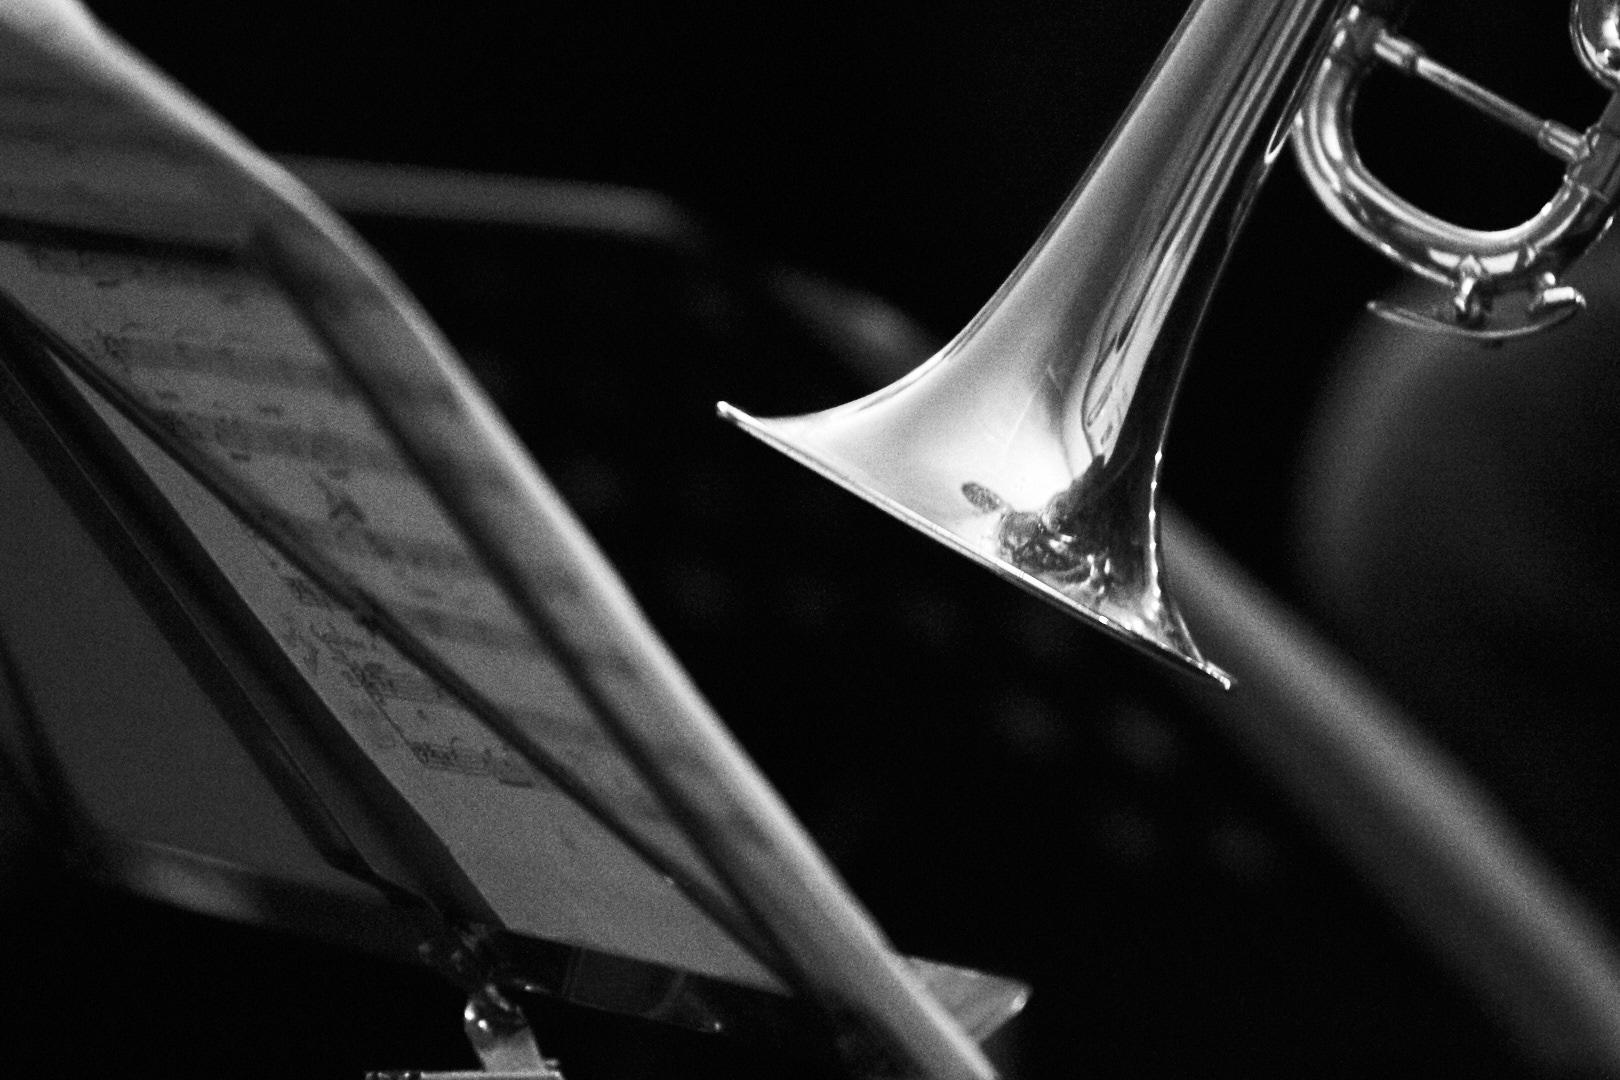 Pvk Photo | Photographe professionnel | Trompette devant un pupitre et une partition